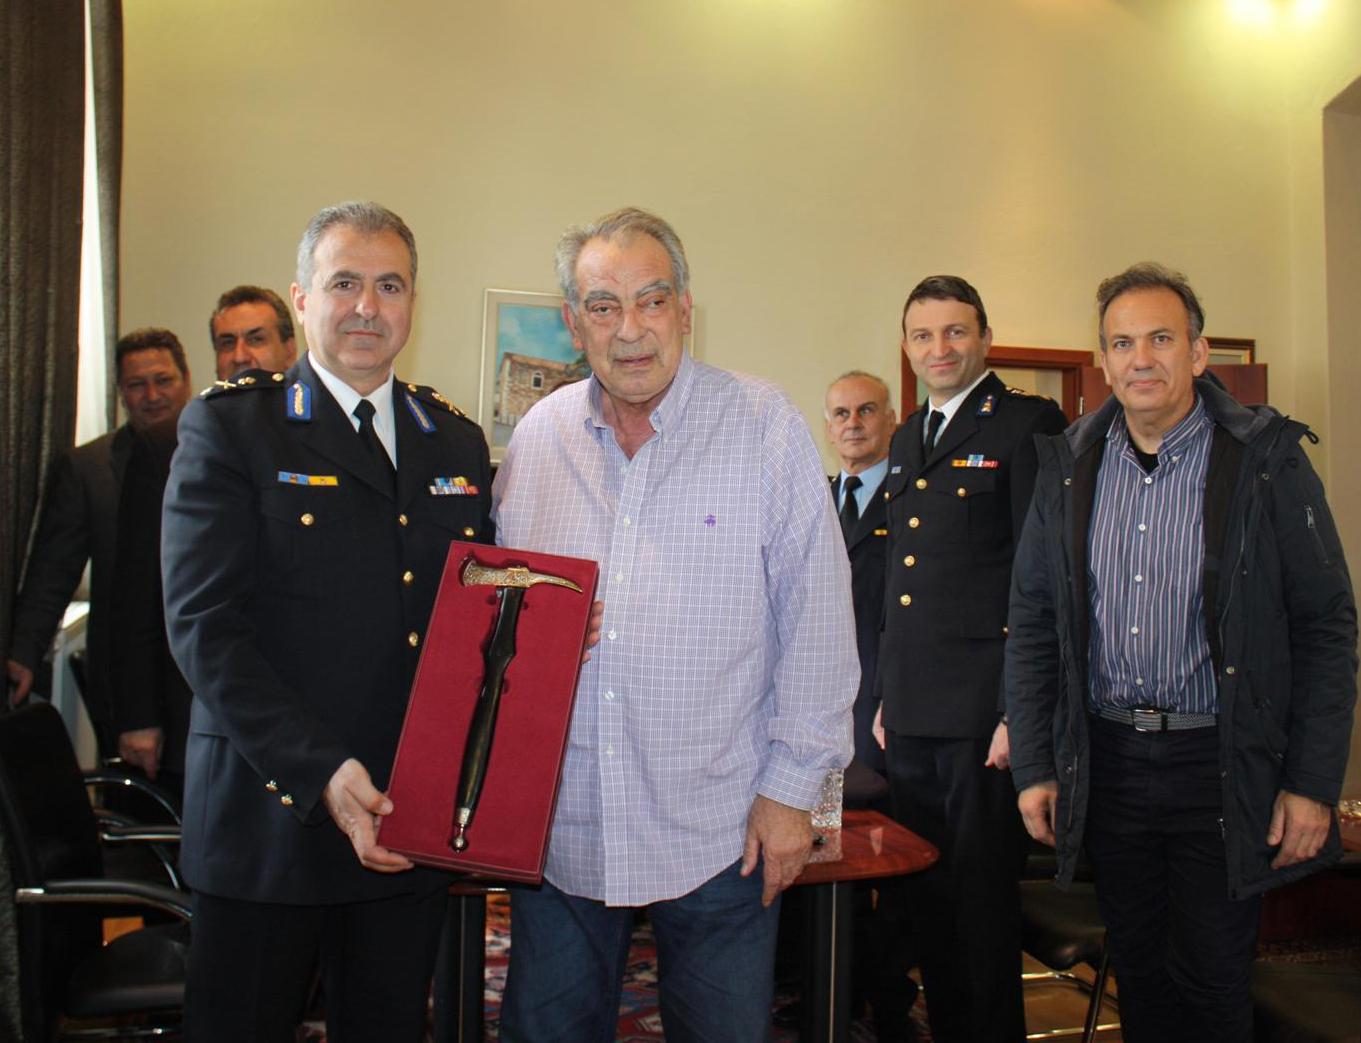 Ο Δήμος Πολυγύρου τίμησε τον νέο Διοικητή Πυροσβεστικών Υπηρεσιών Κεντρικής Μακεδονίας, Αρχιπύραρχο, Εμμανουήλ Τσολάκη